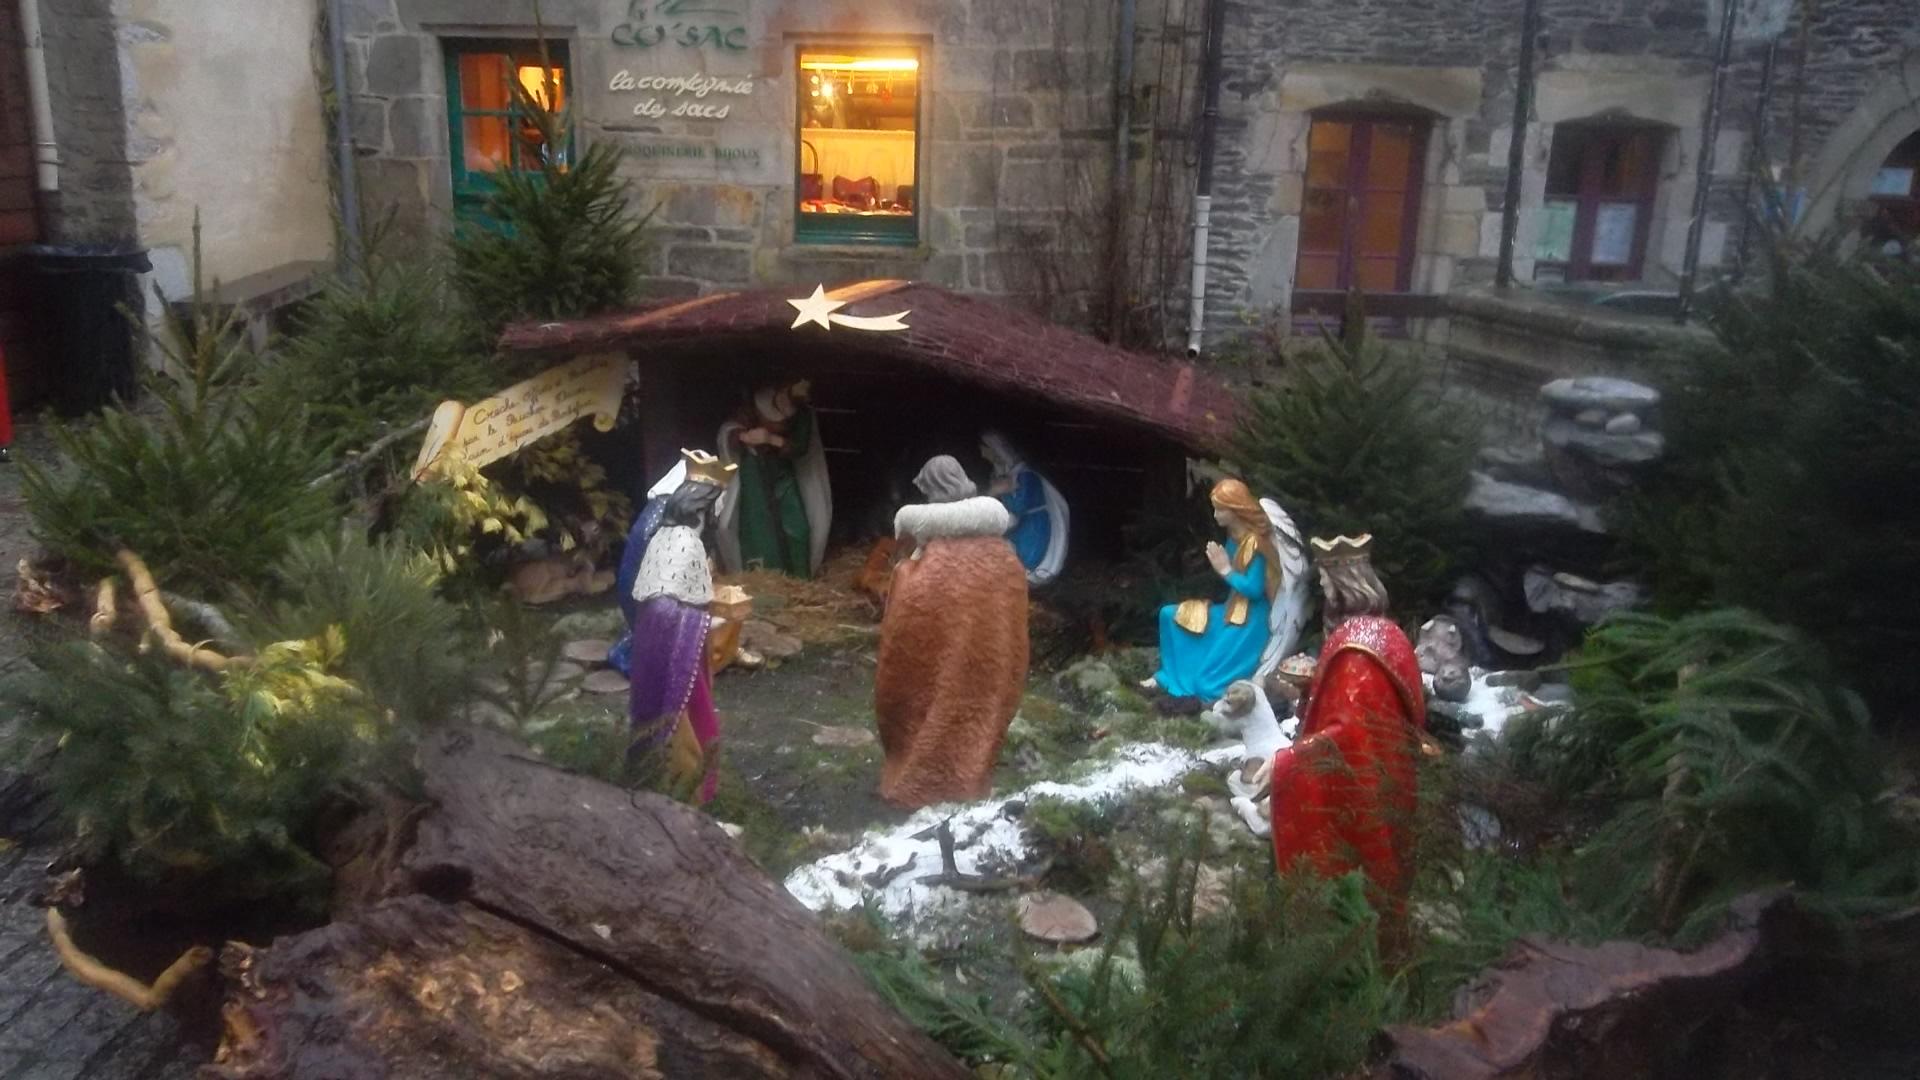 rochefort en terre nativity scene dec13